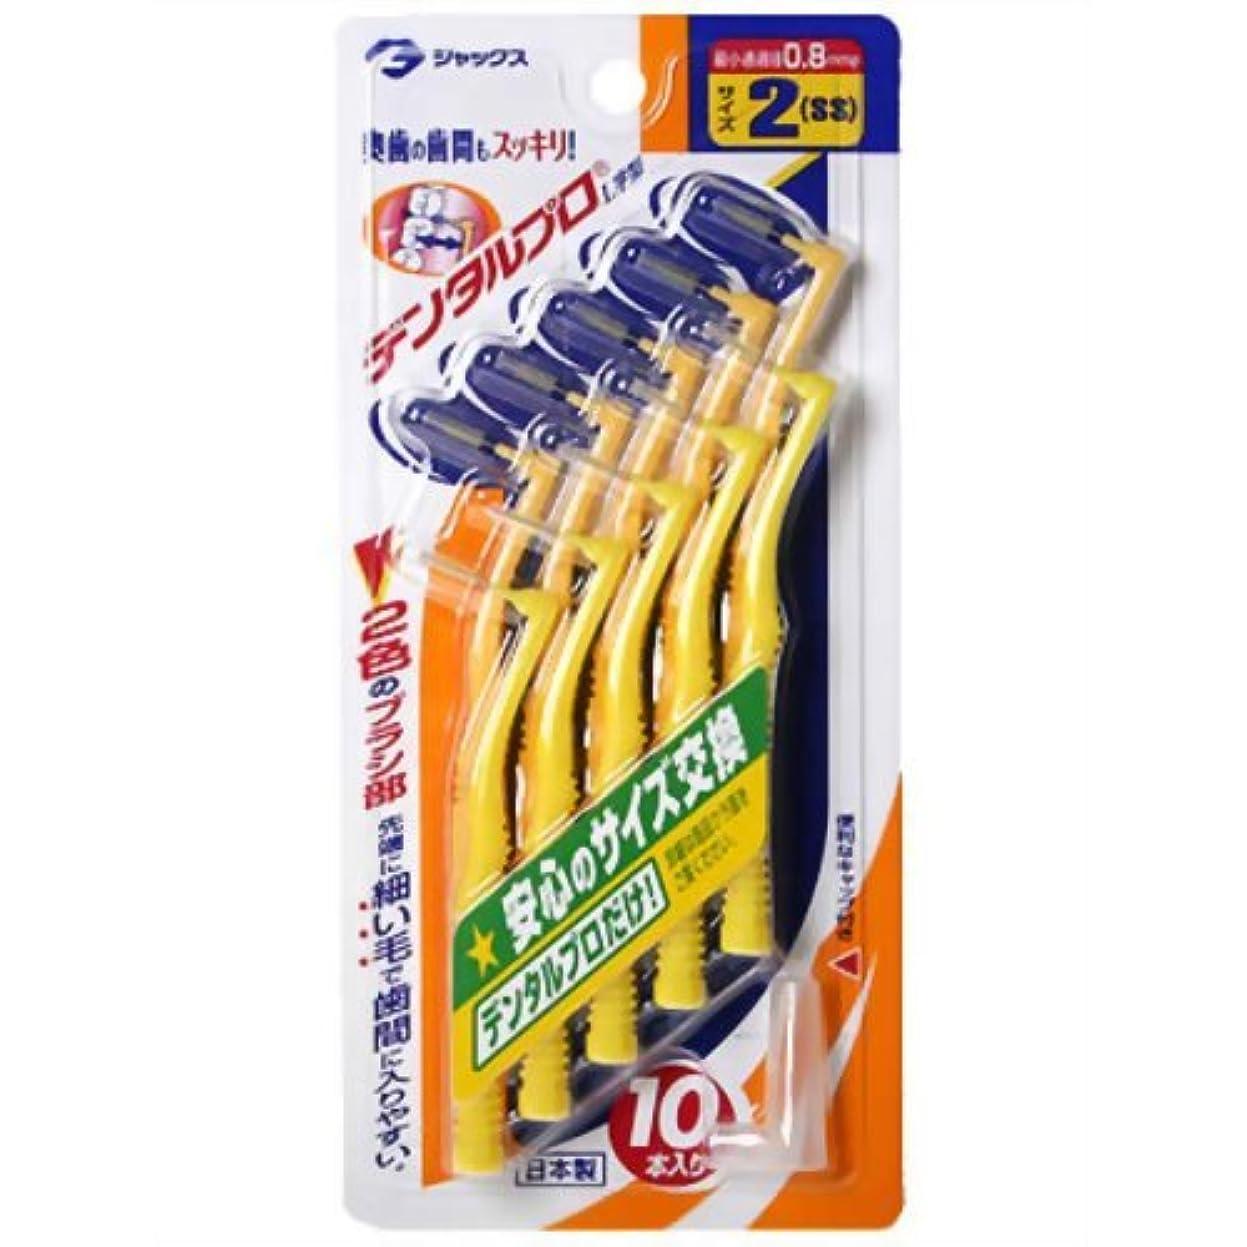 衣装実り多い成長デンタルプロ L字型歯間ブラシ サイズ2(SS) ×8個セット